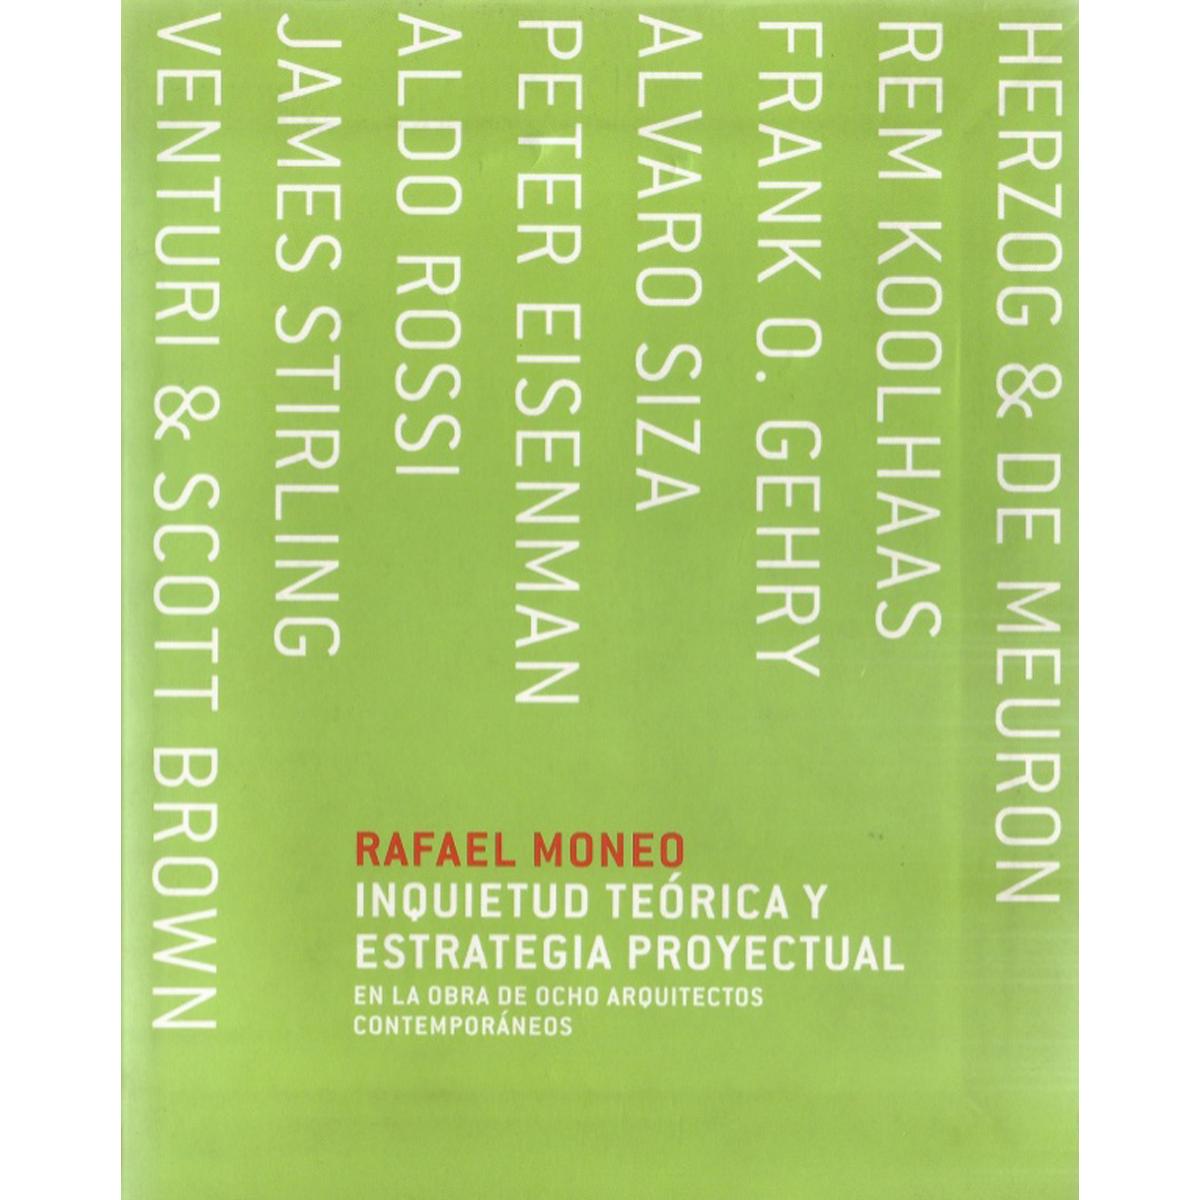 Inquietud teórica y estrategia proyectual en la obra de ocho arquitectos contemporáneos